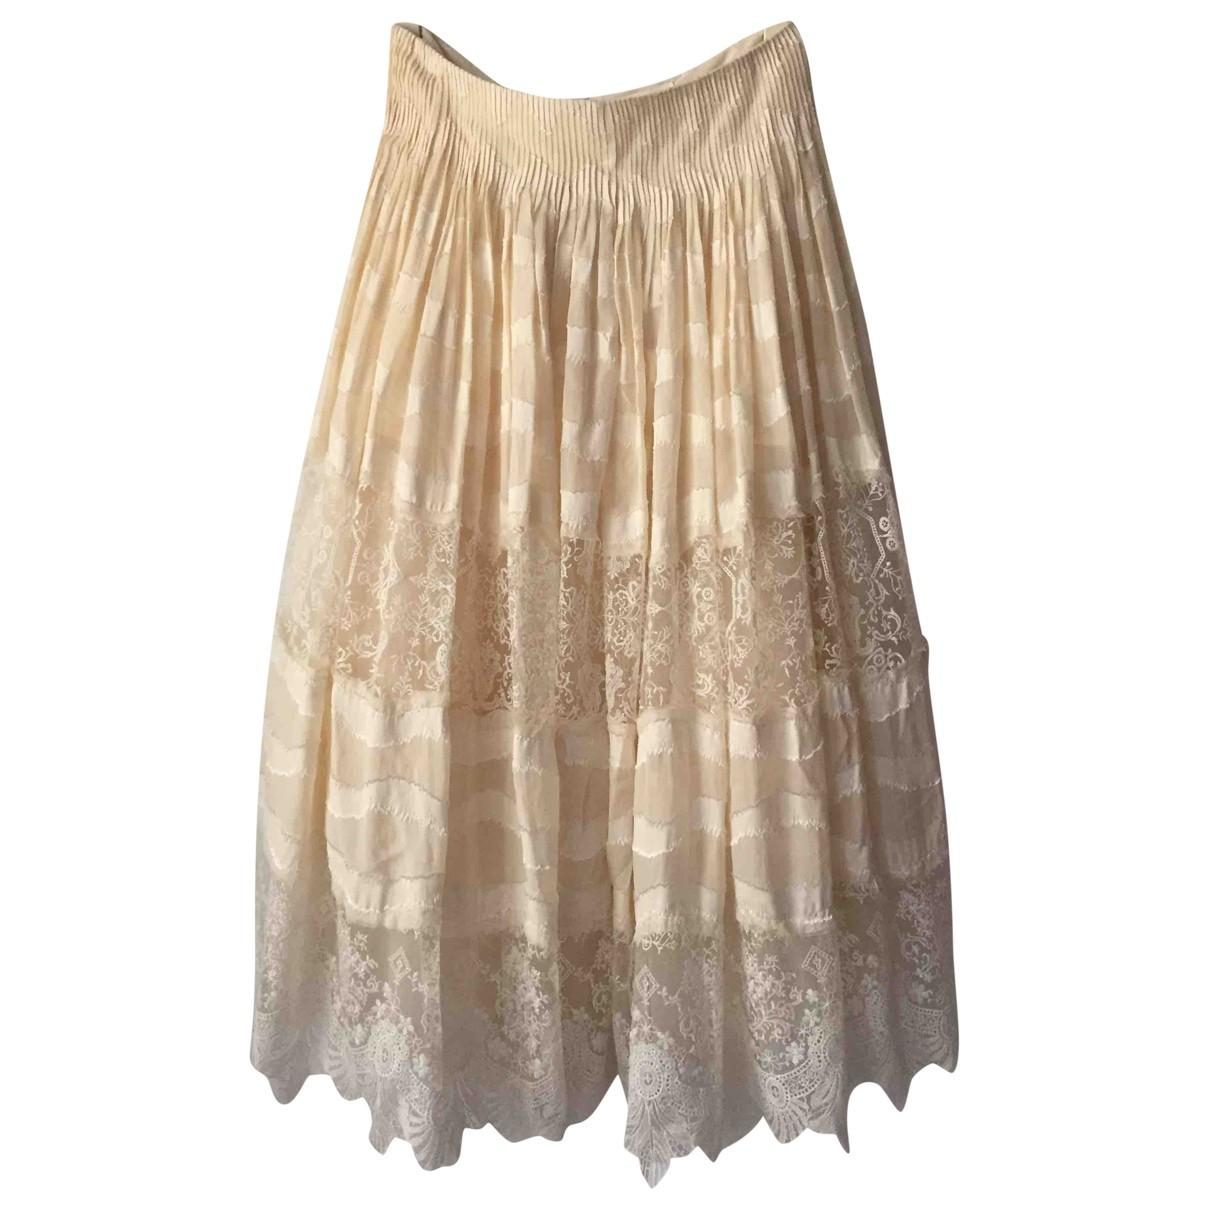 H&m Conscious Exclusive - Jupe   pour femme en soie - beige